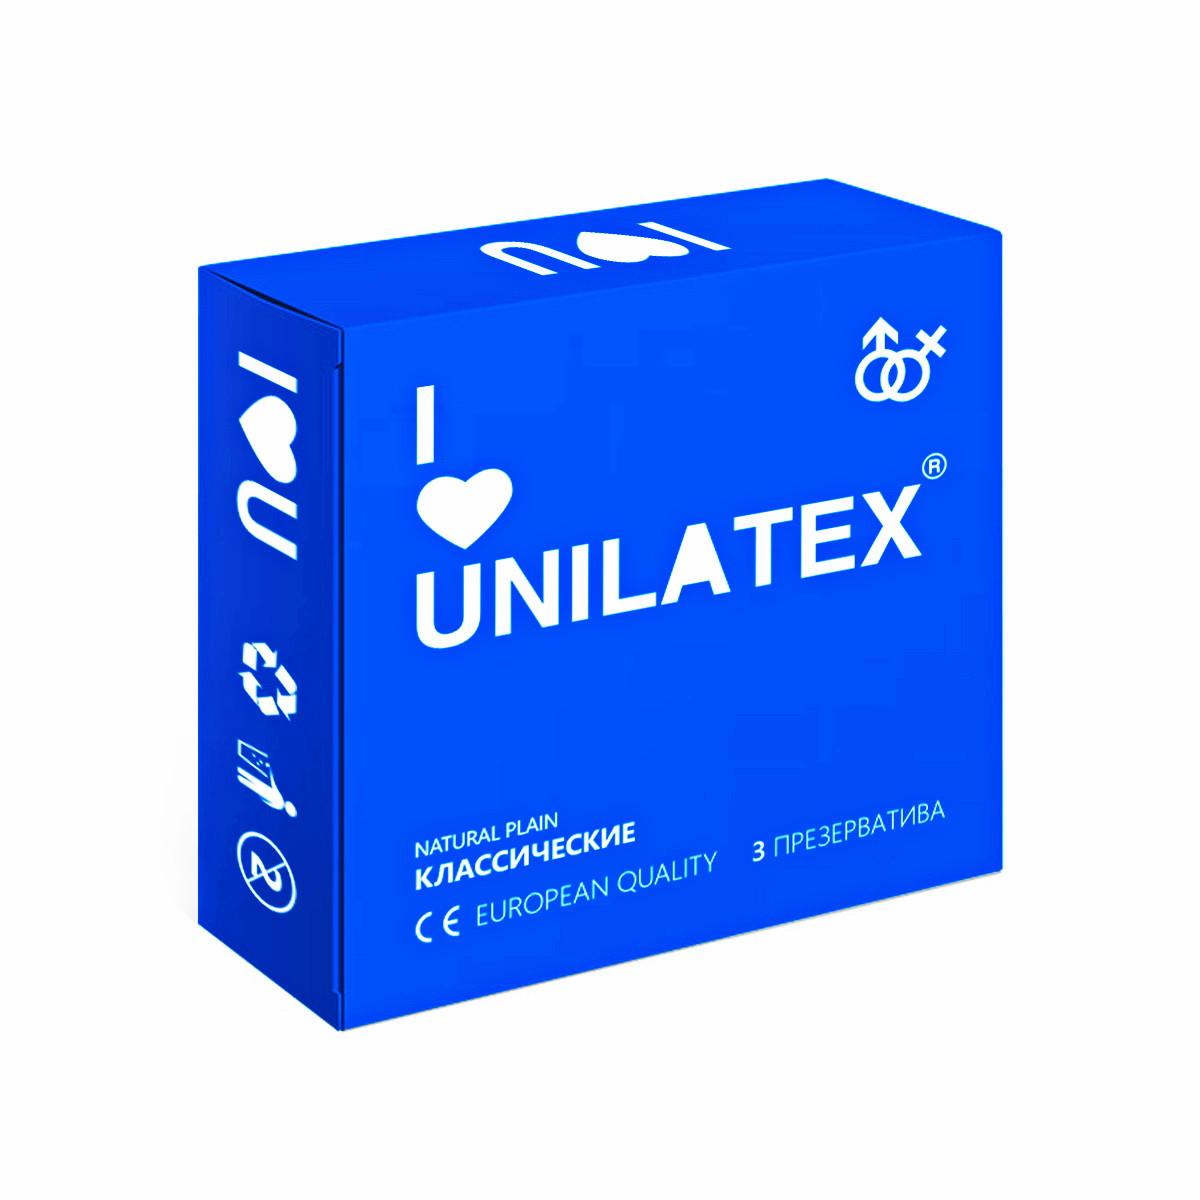 """ПРЕЗЕРВАТИВЫ UNILATEX """"NATURAL PLAIN"""" классические, 3 шт., арт. 3002"""